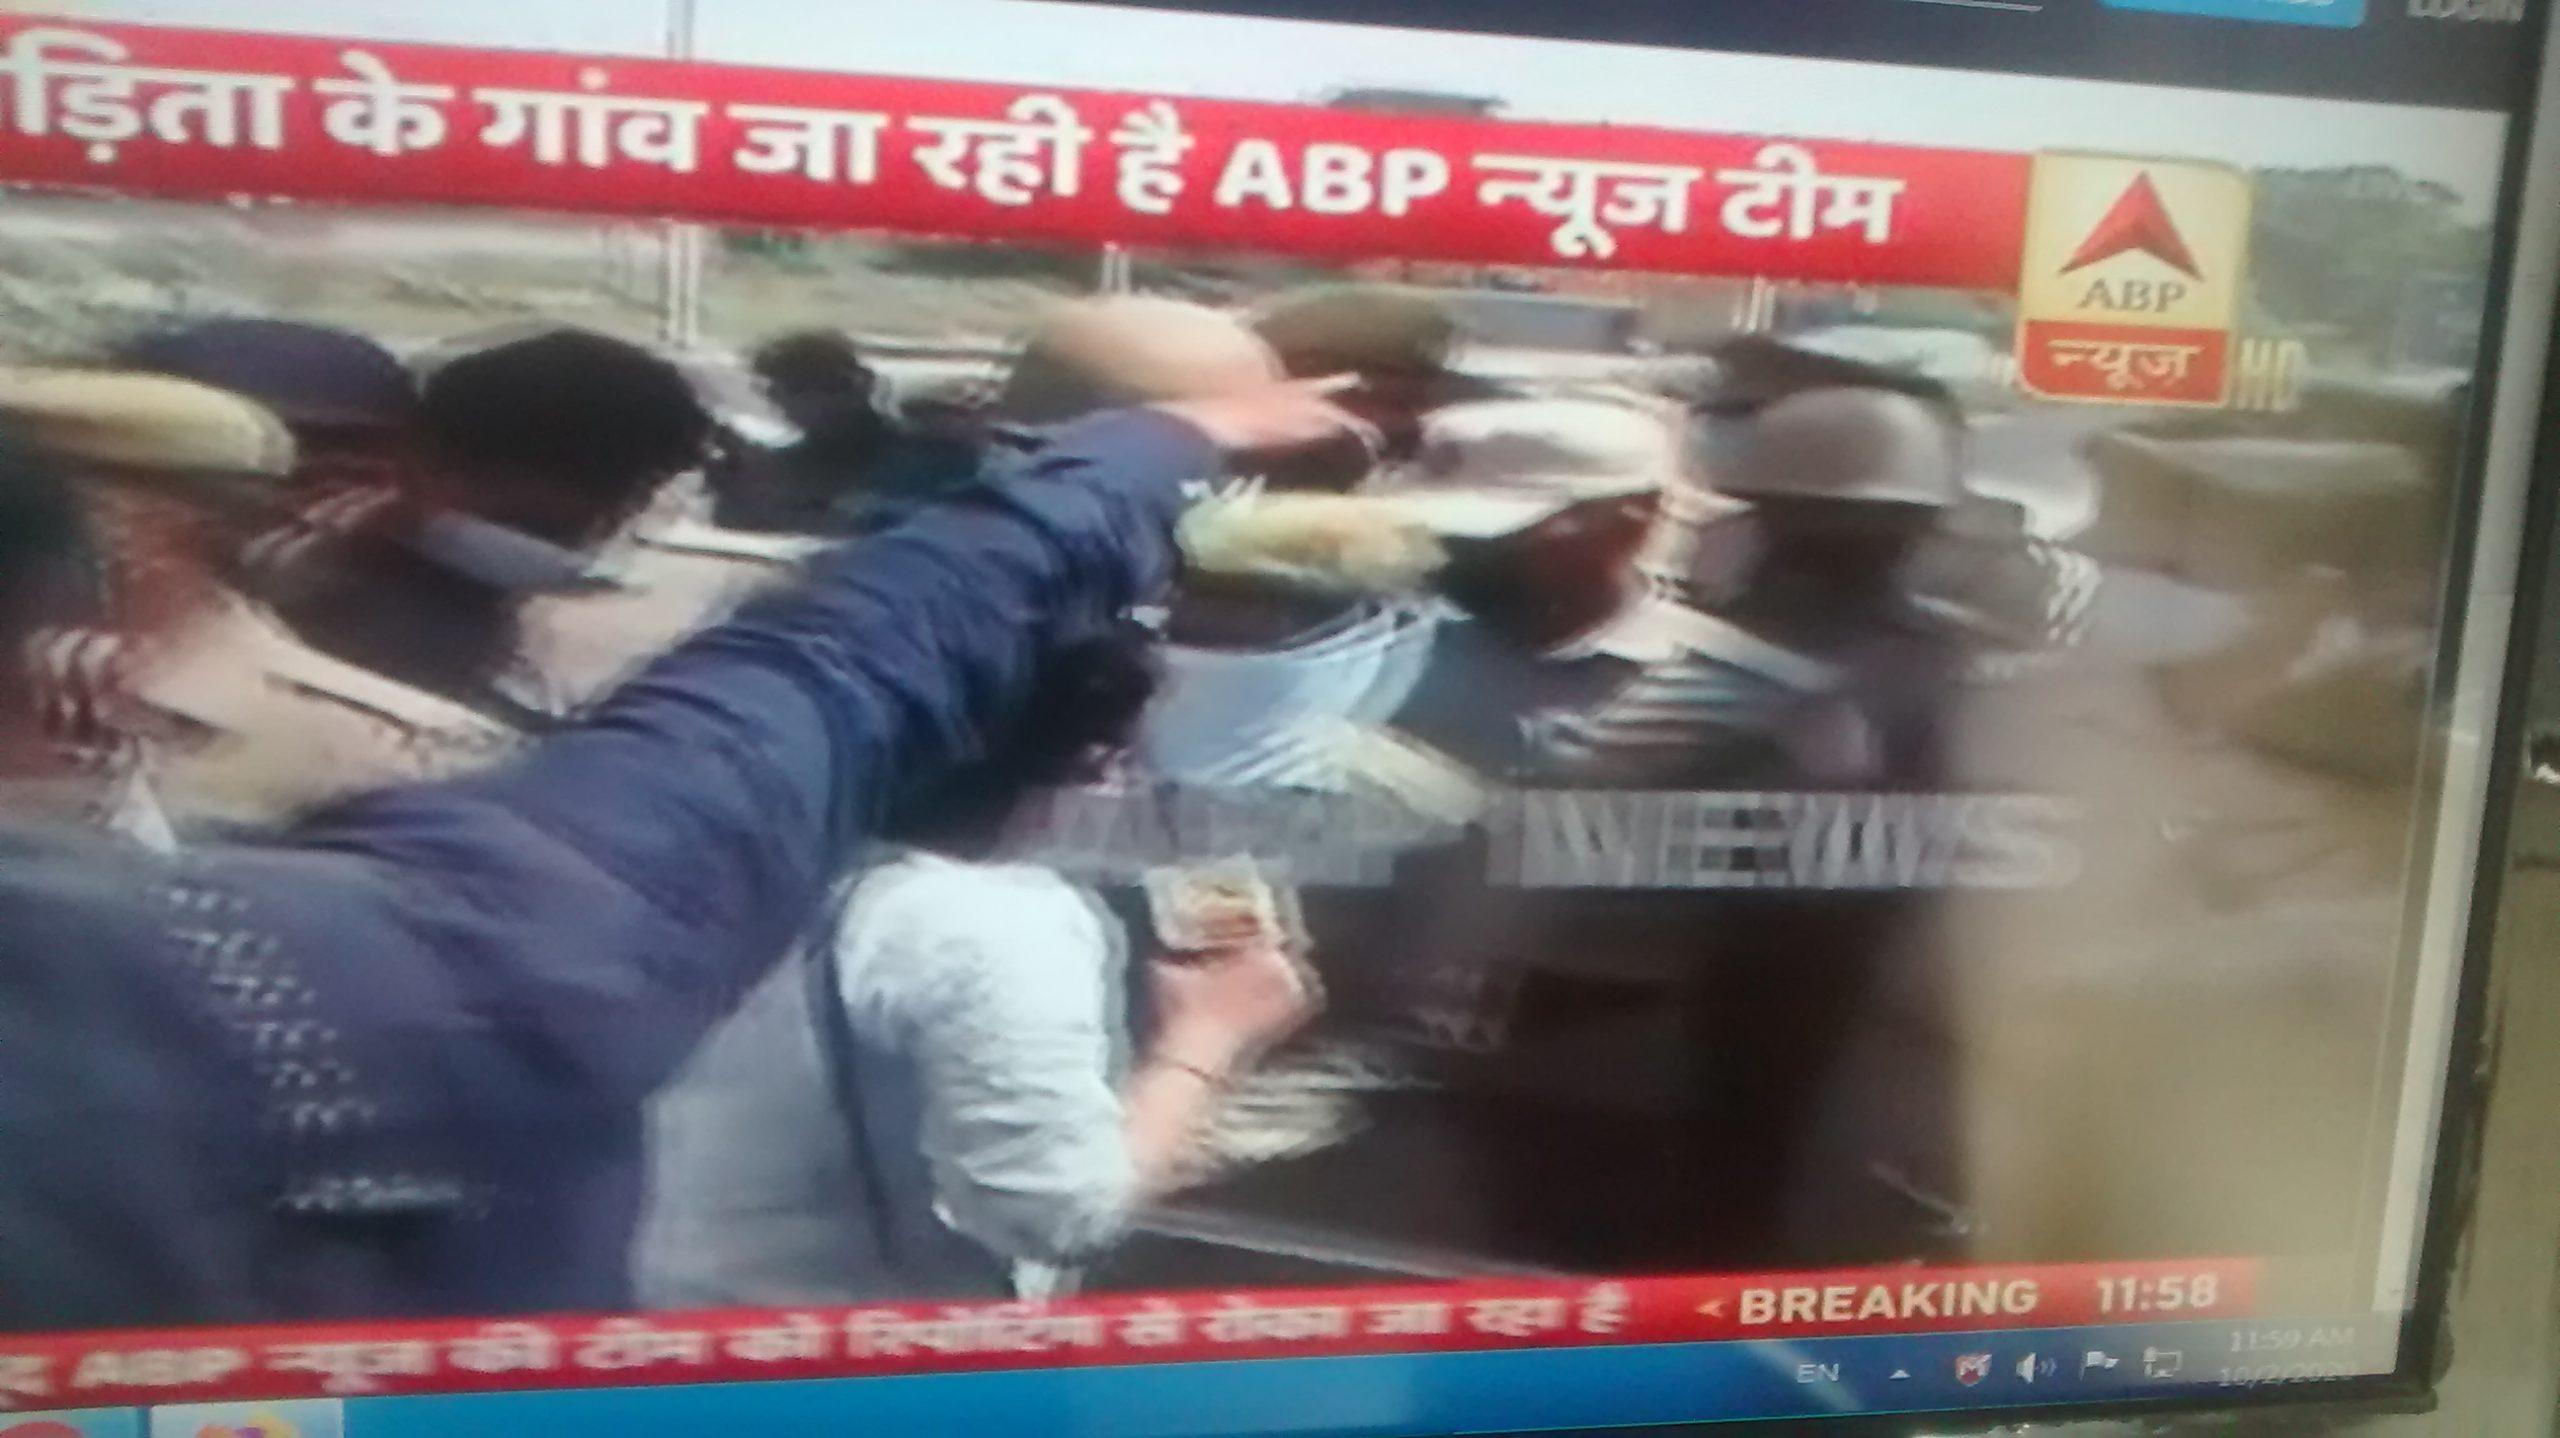 दहाड मार-मार कर संसद में चिल्लाने वाले रवि किशन बतायें यही है योगी/मोदी सरकार, ABP न्यूज की पत्रकार के साथ अभद्रता…. अहिंसा परमोधर्म: